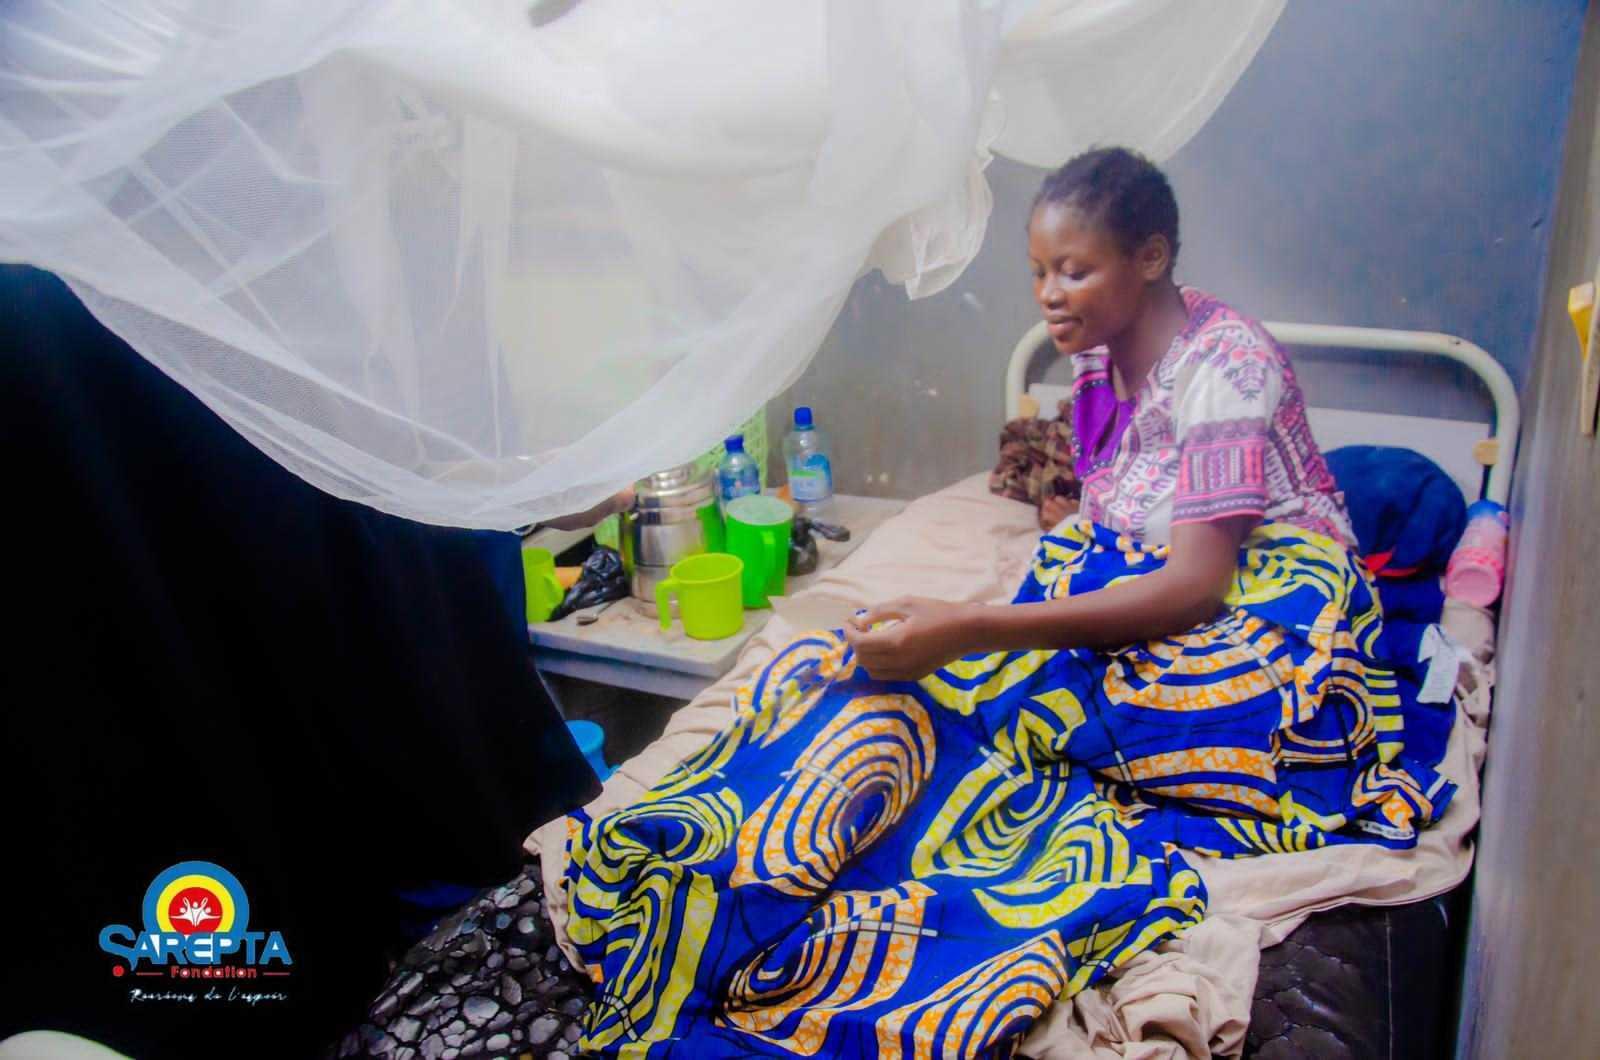 La Fondation Sarepta vole au secours des mamans retenues dans certains hôpitaux de Kinshasa pour non-paiement de frais (CongoForum)